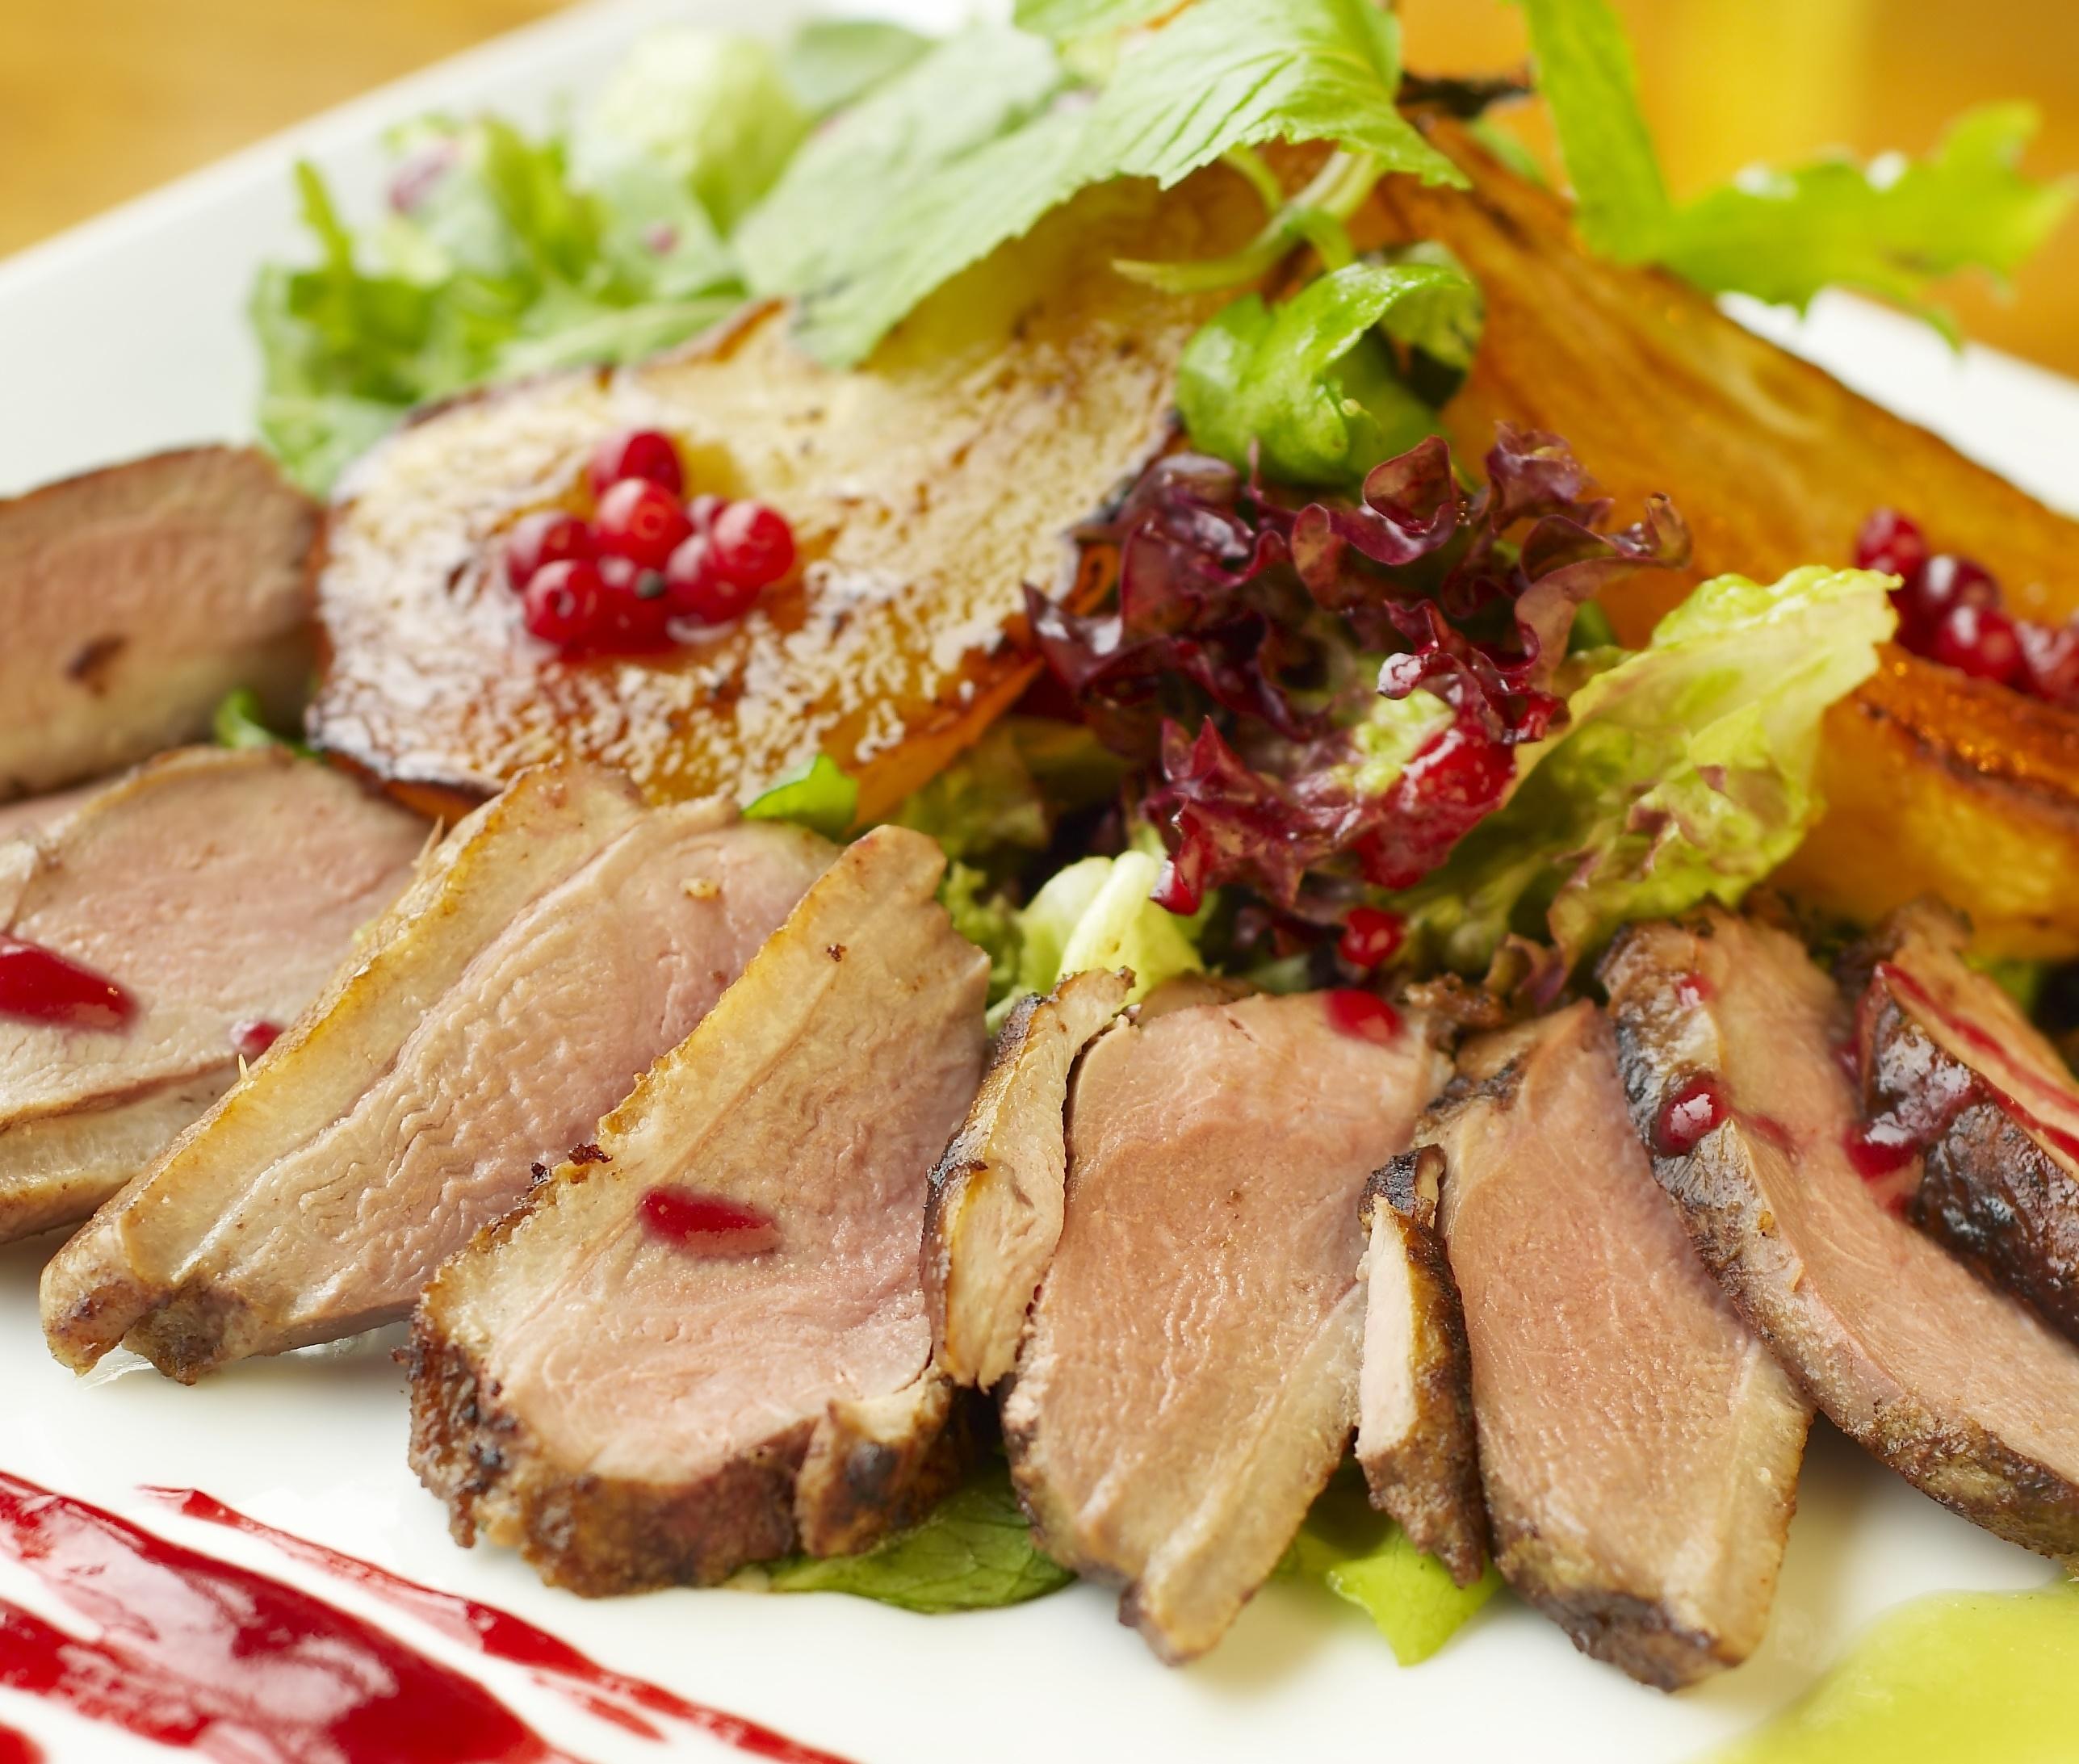 Roast duck with pear in red wine Papra mixwija u lanġas fl-inbid aħmar